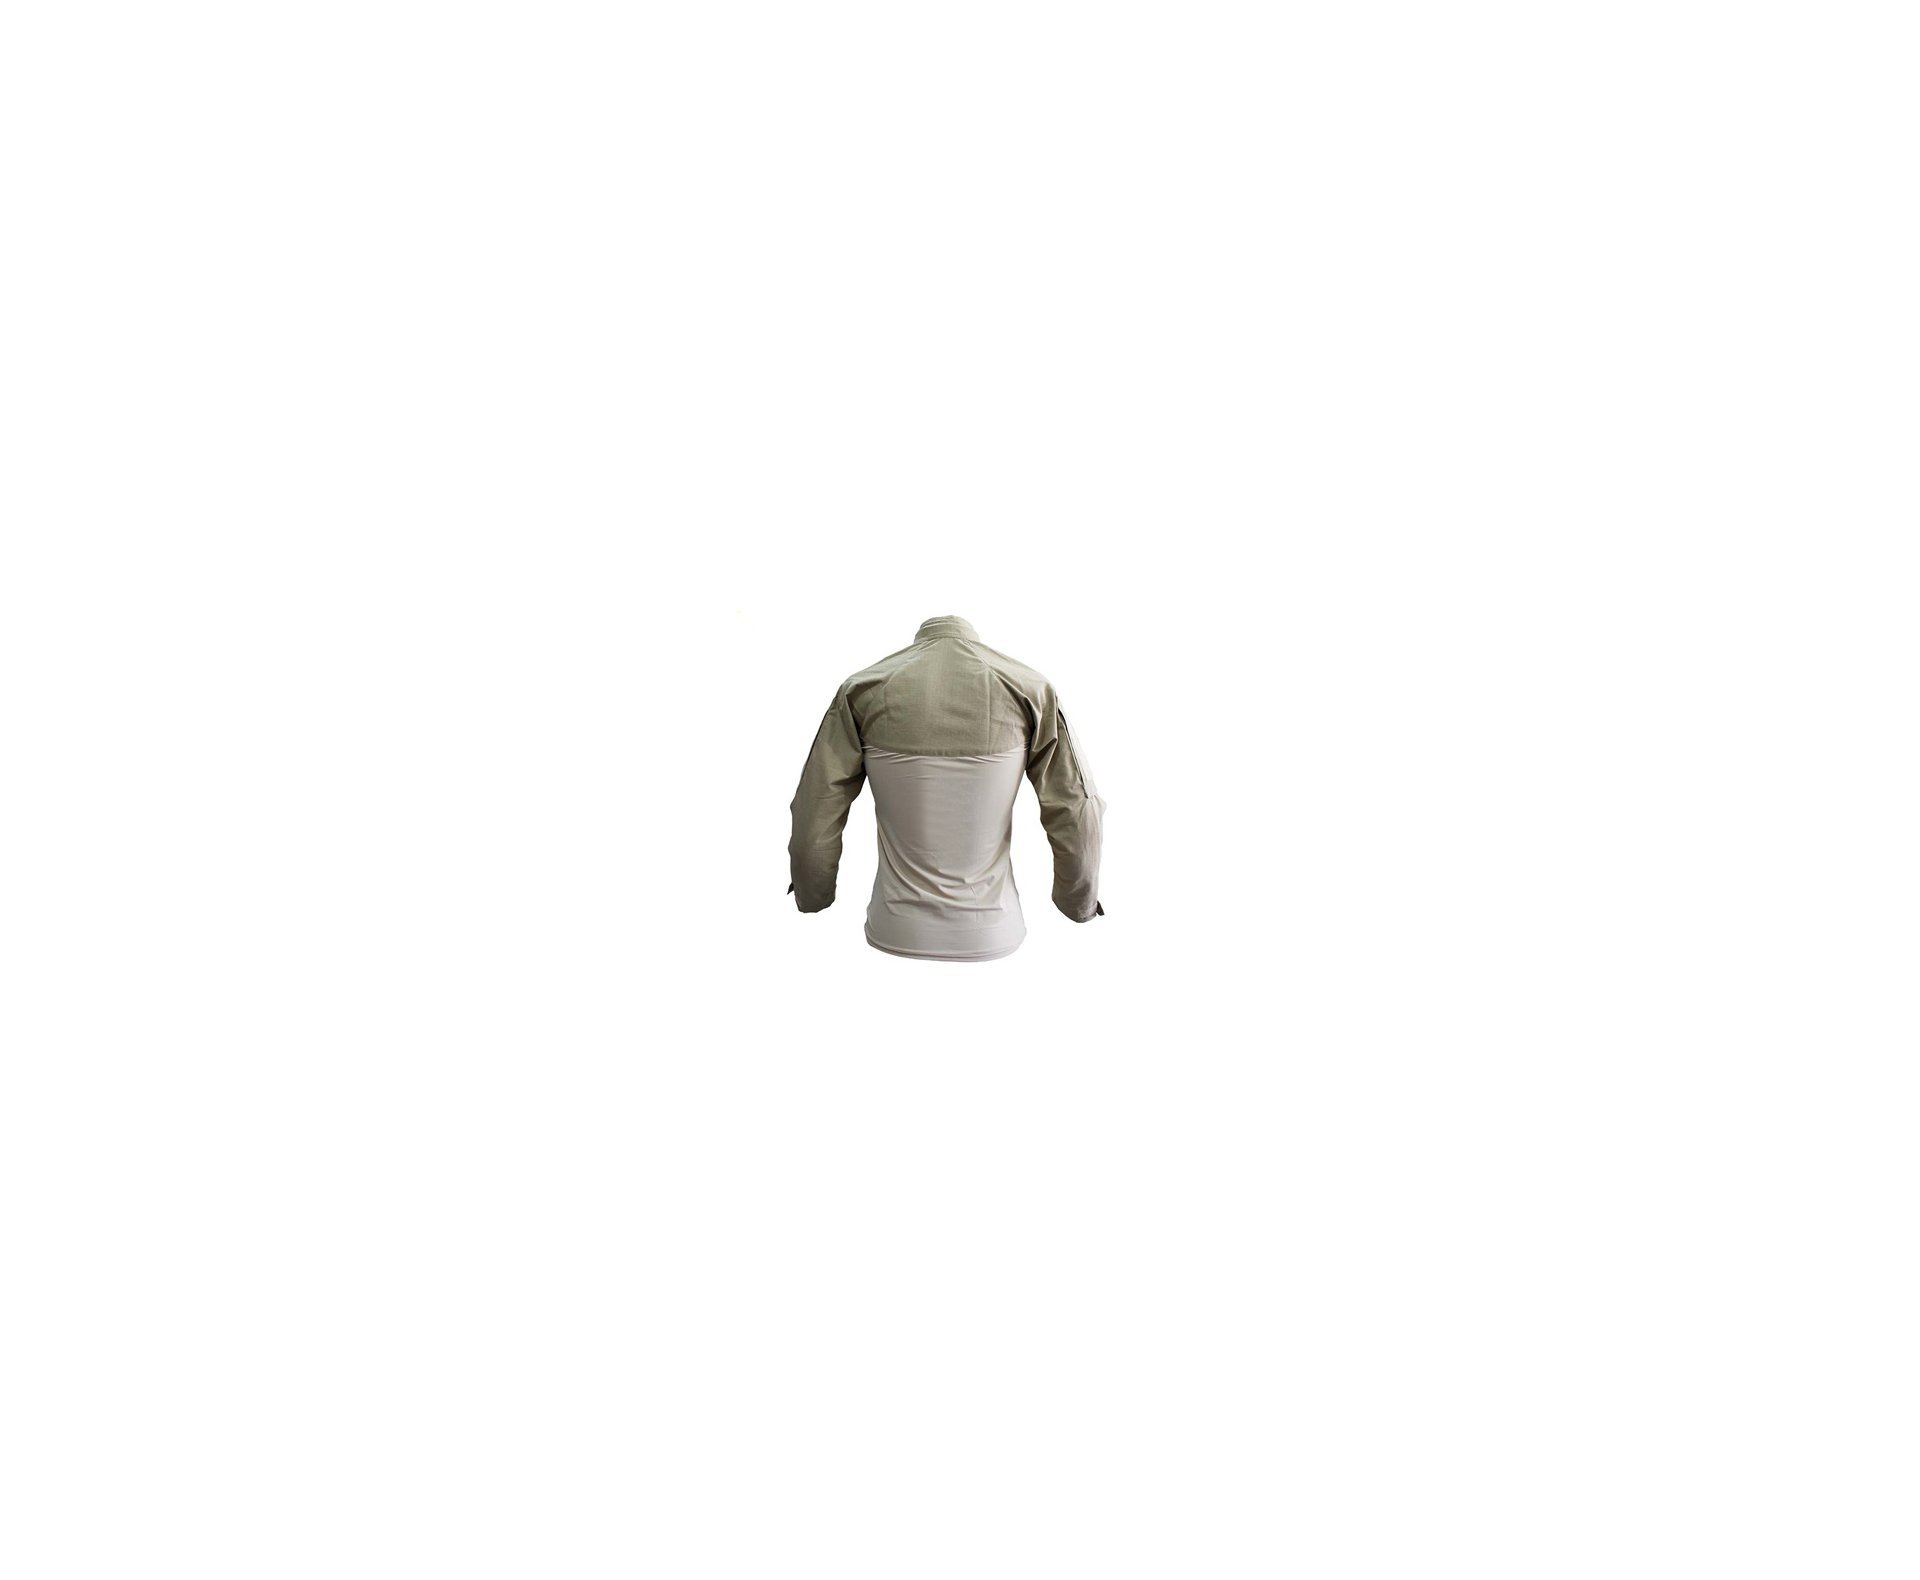 Camisa Combat Shirt Dacs - Coyote - P